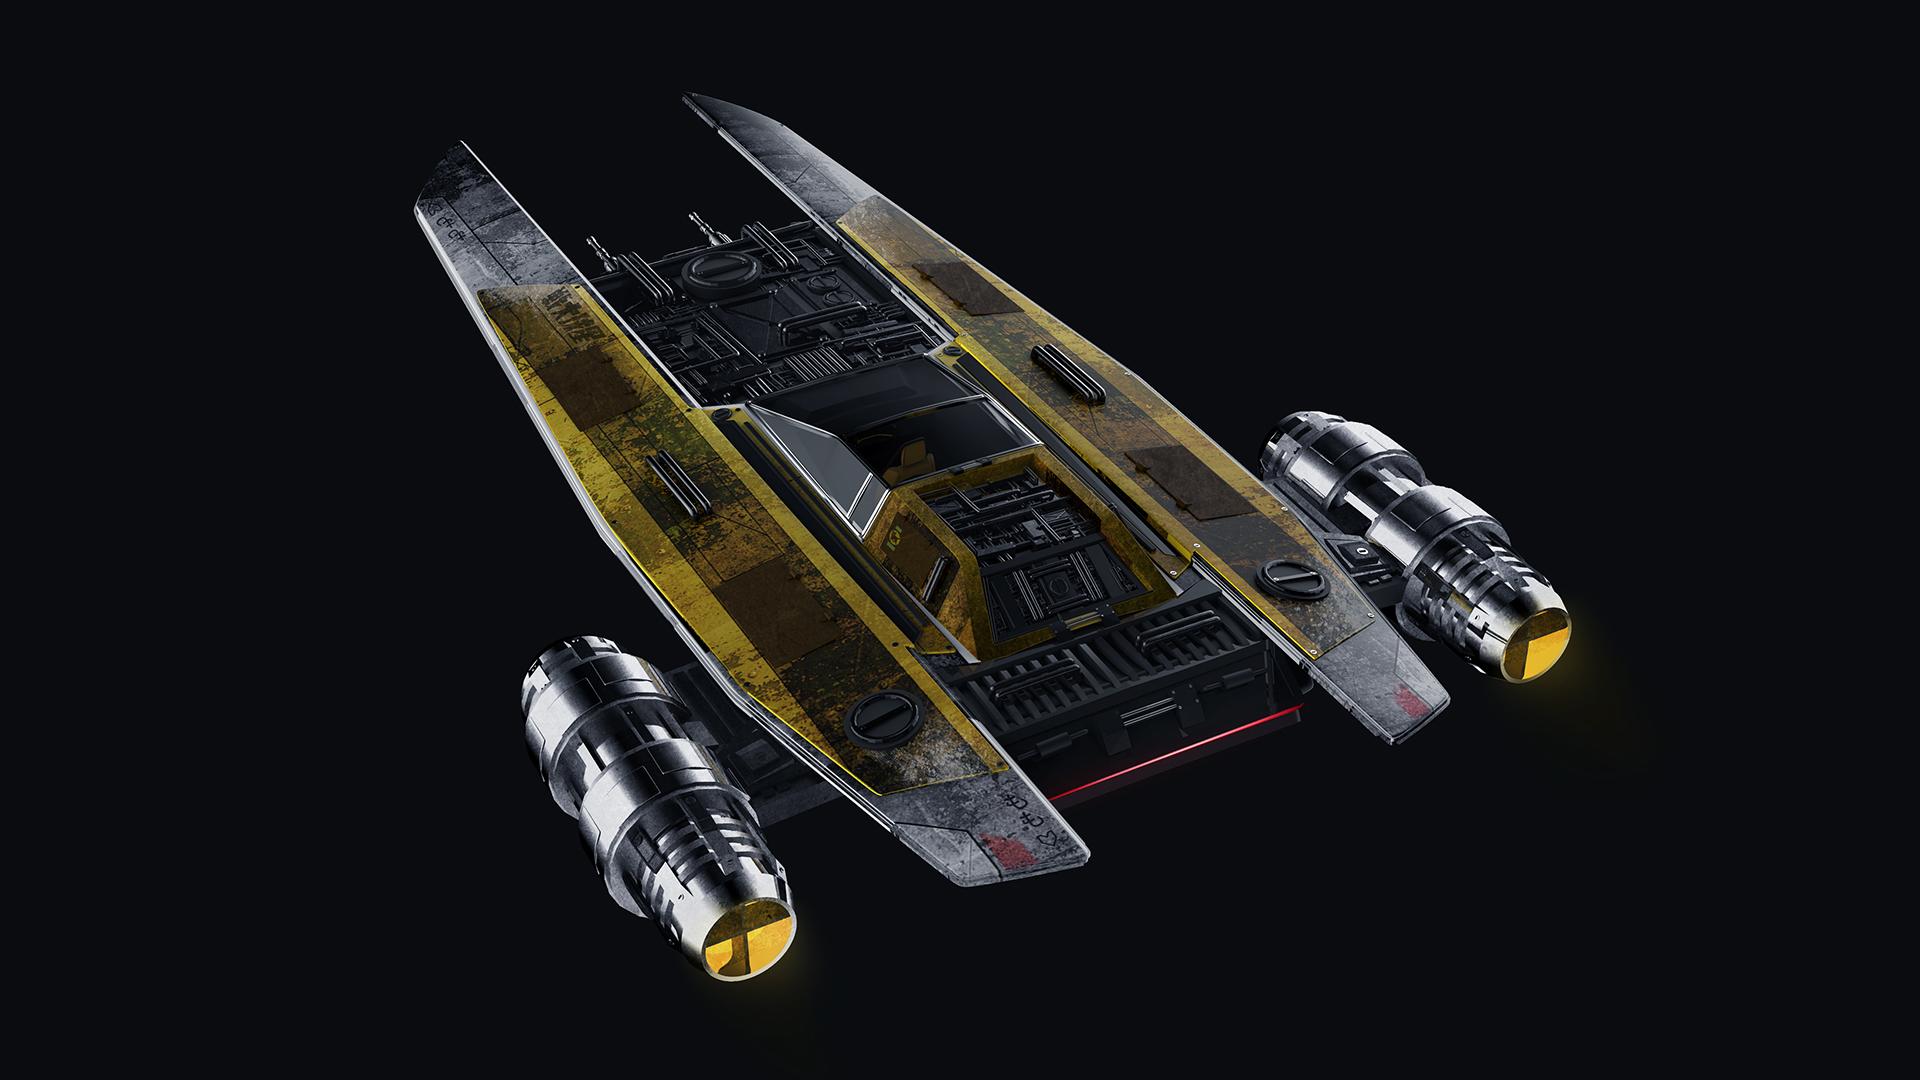 spaceship_010_hwing_back_web